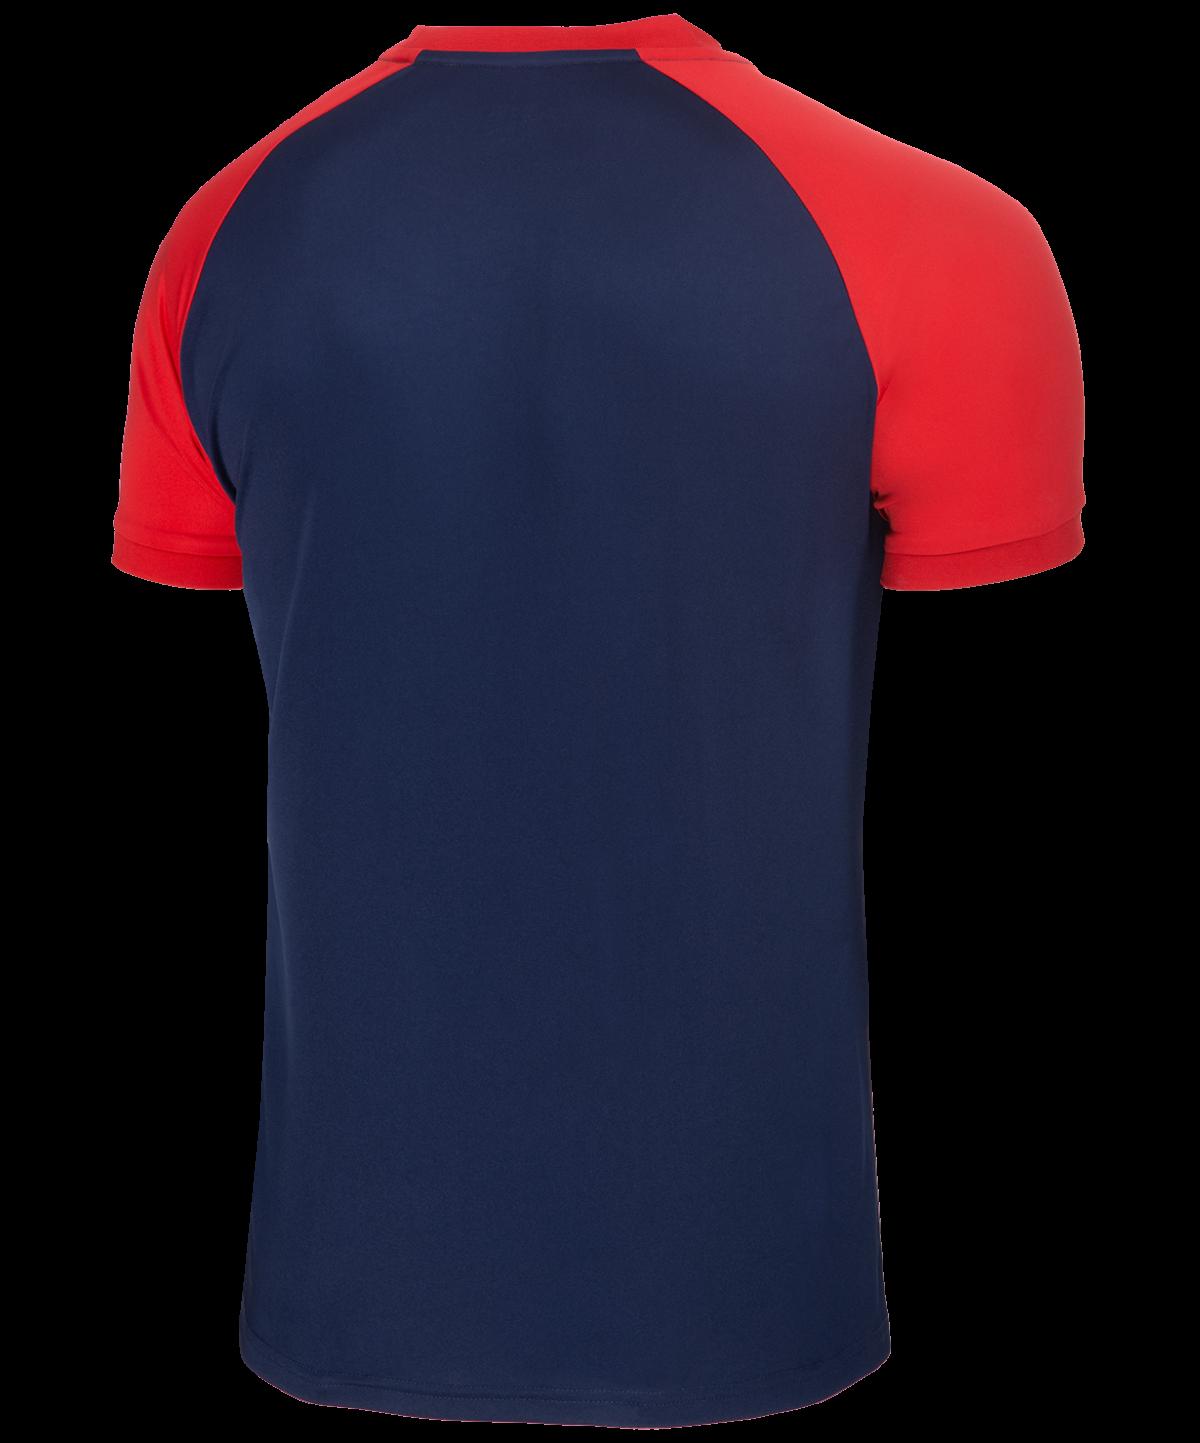 JOGEL Футболка футбольная, темно-синий/красный  JFT-1011-092 - 2